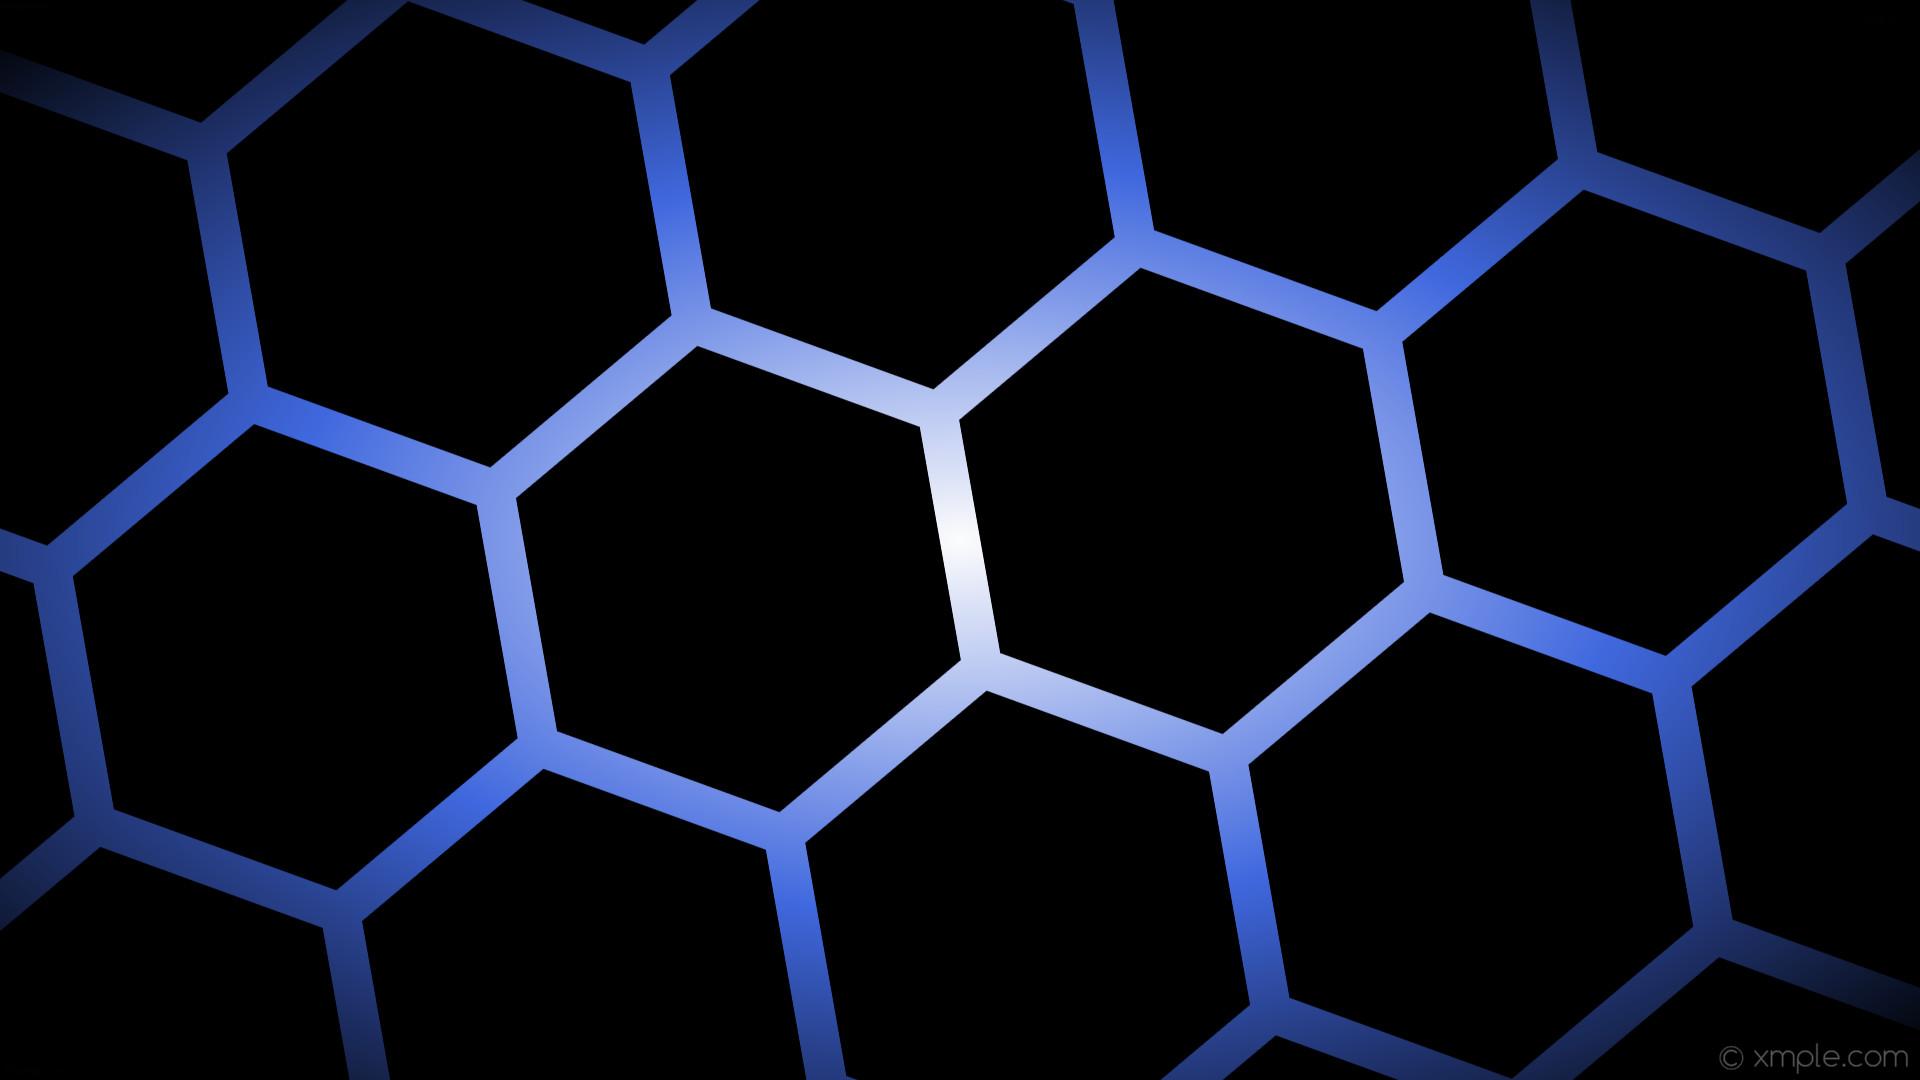 wallpaper white glow hexagon gradient blue black royal blue #000000 #ffffff  #4169e1 diagonal